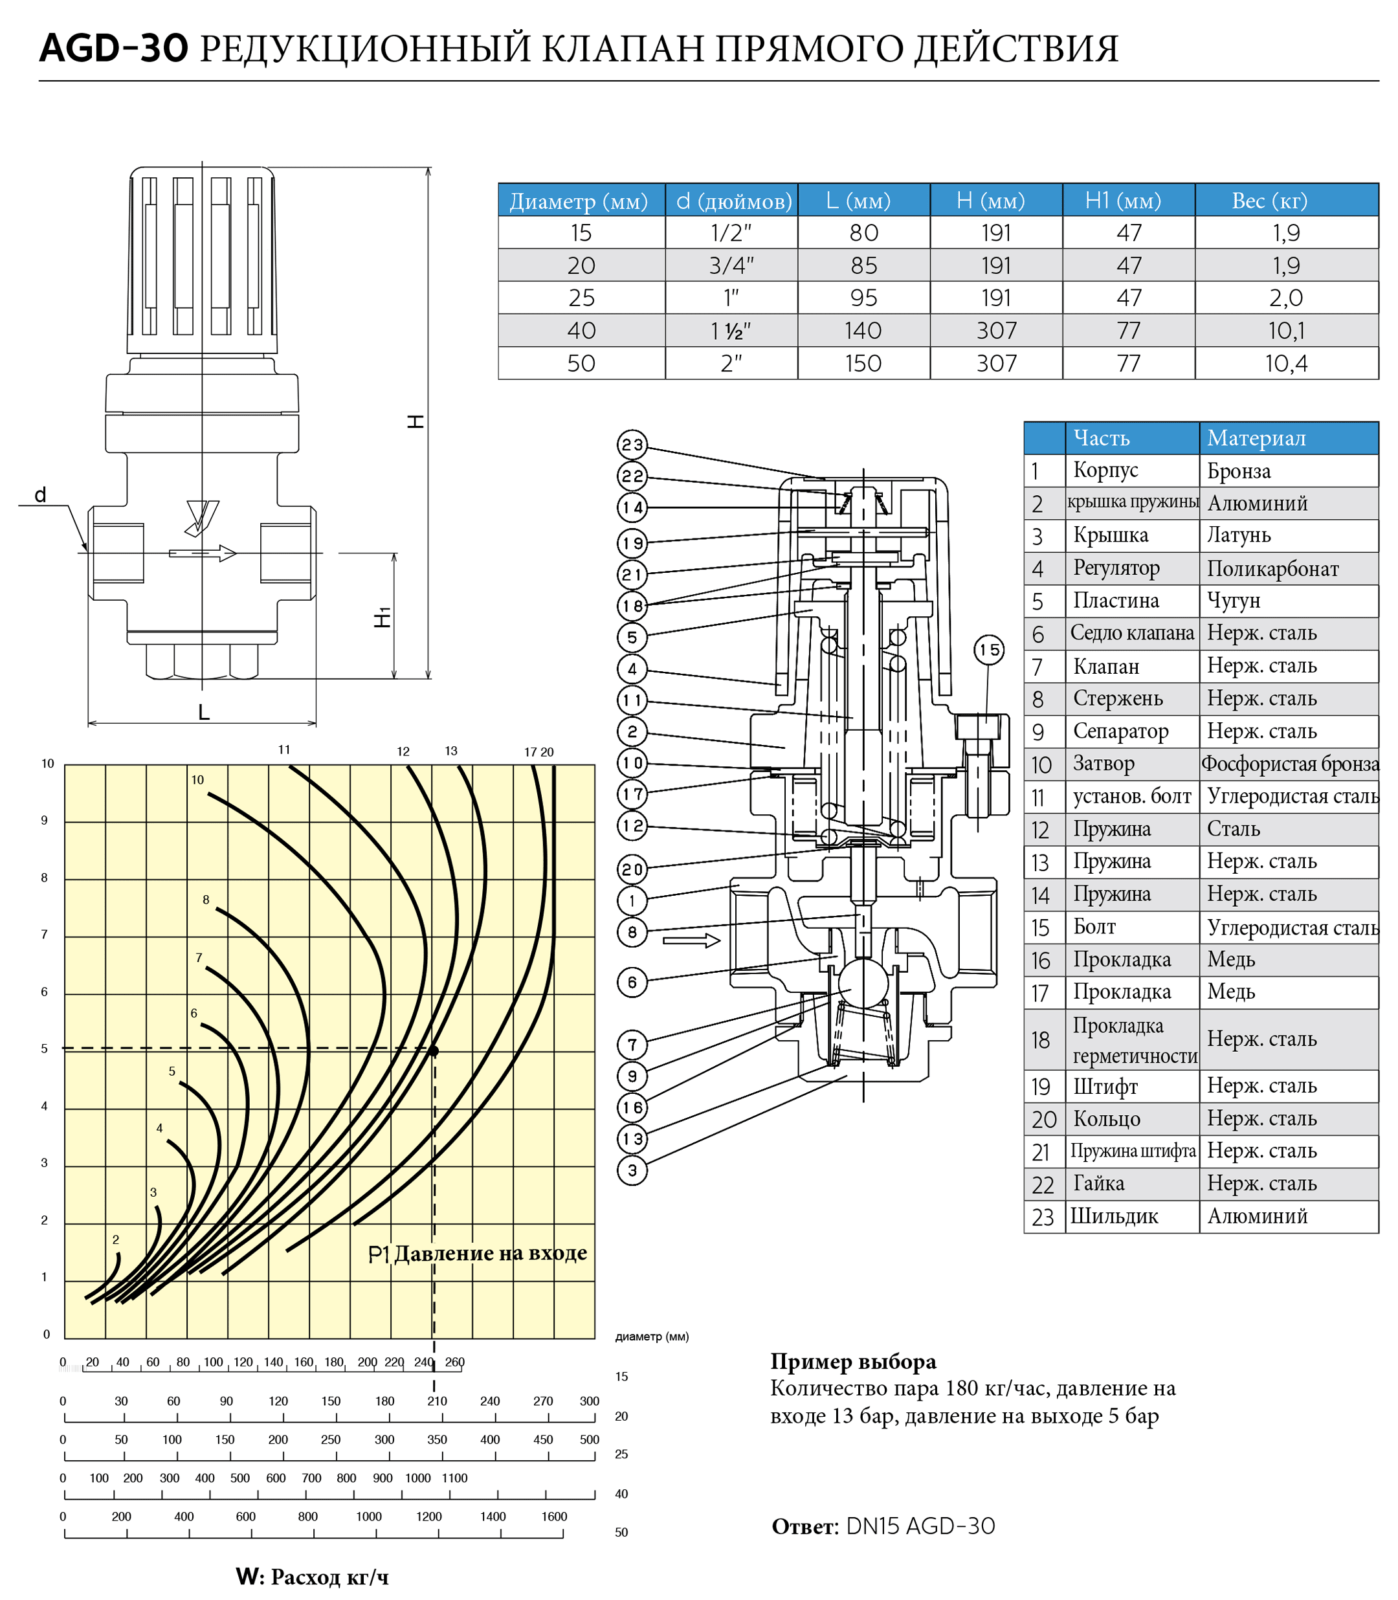 Клапан редукционный прямого действия из латуни AGD-30